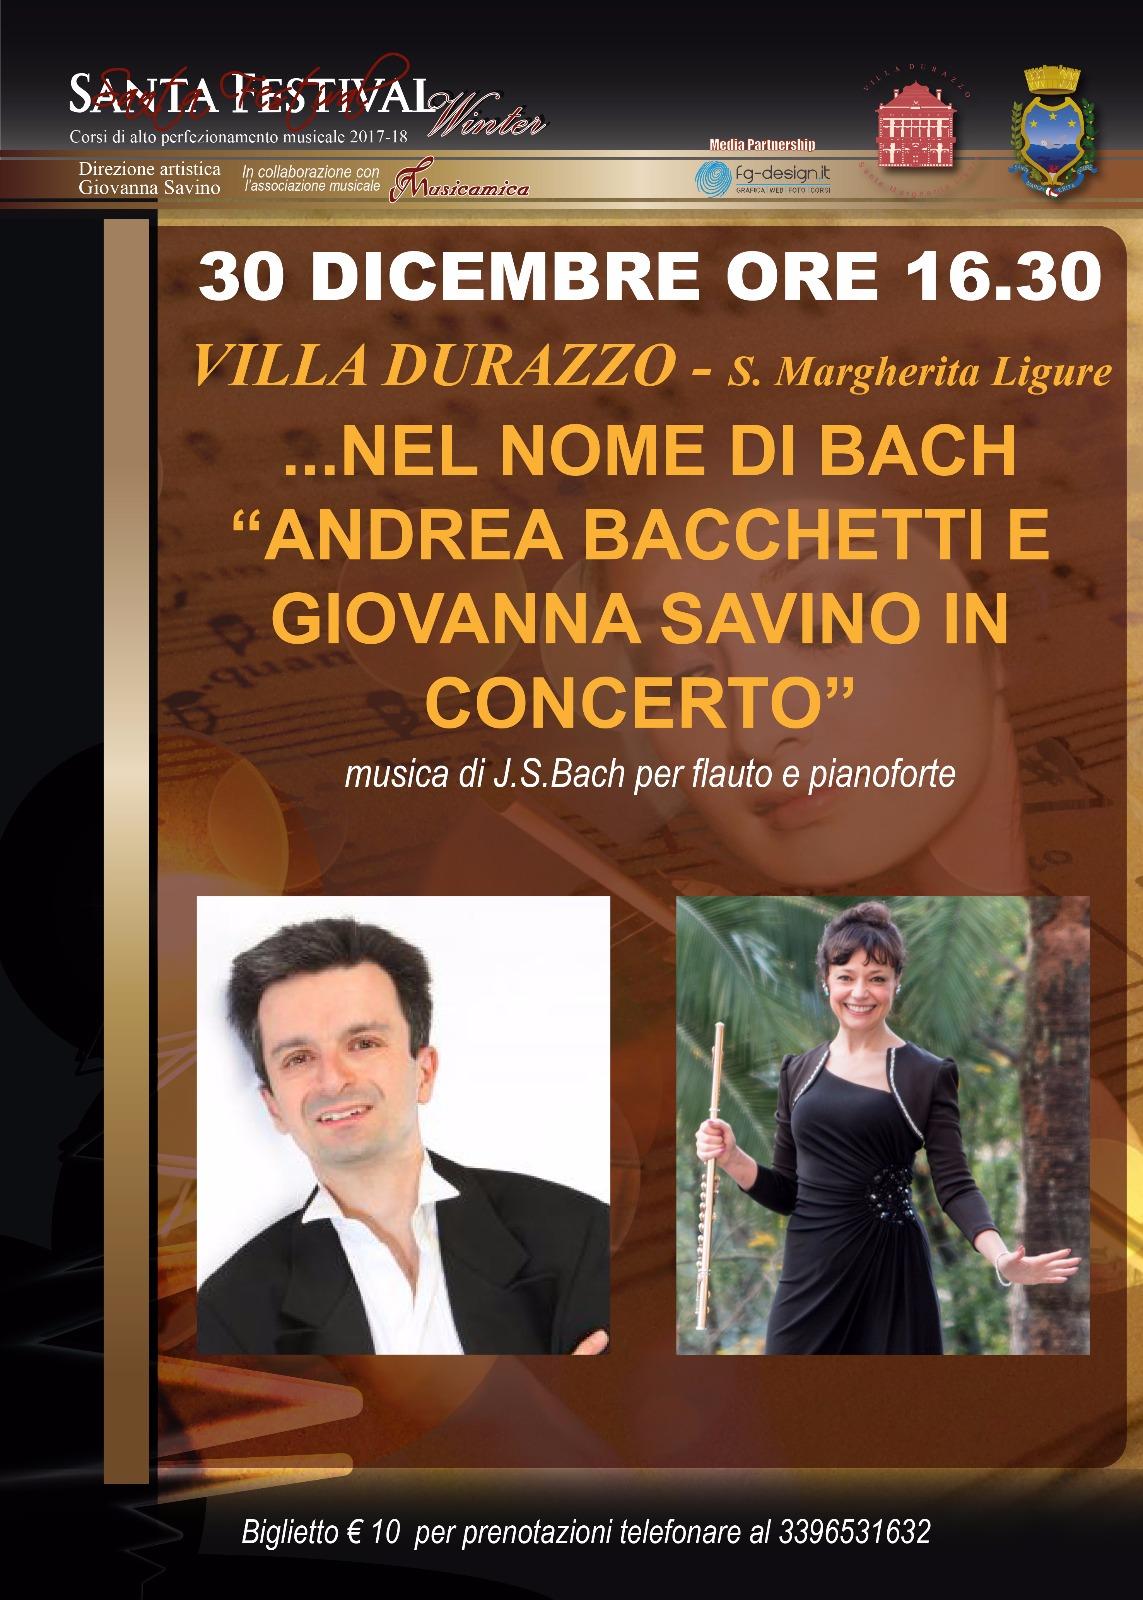 Sabato 30 dicembre ore 16.30 concerto Bacchetti-Savino